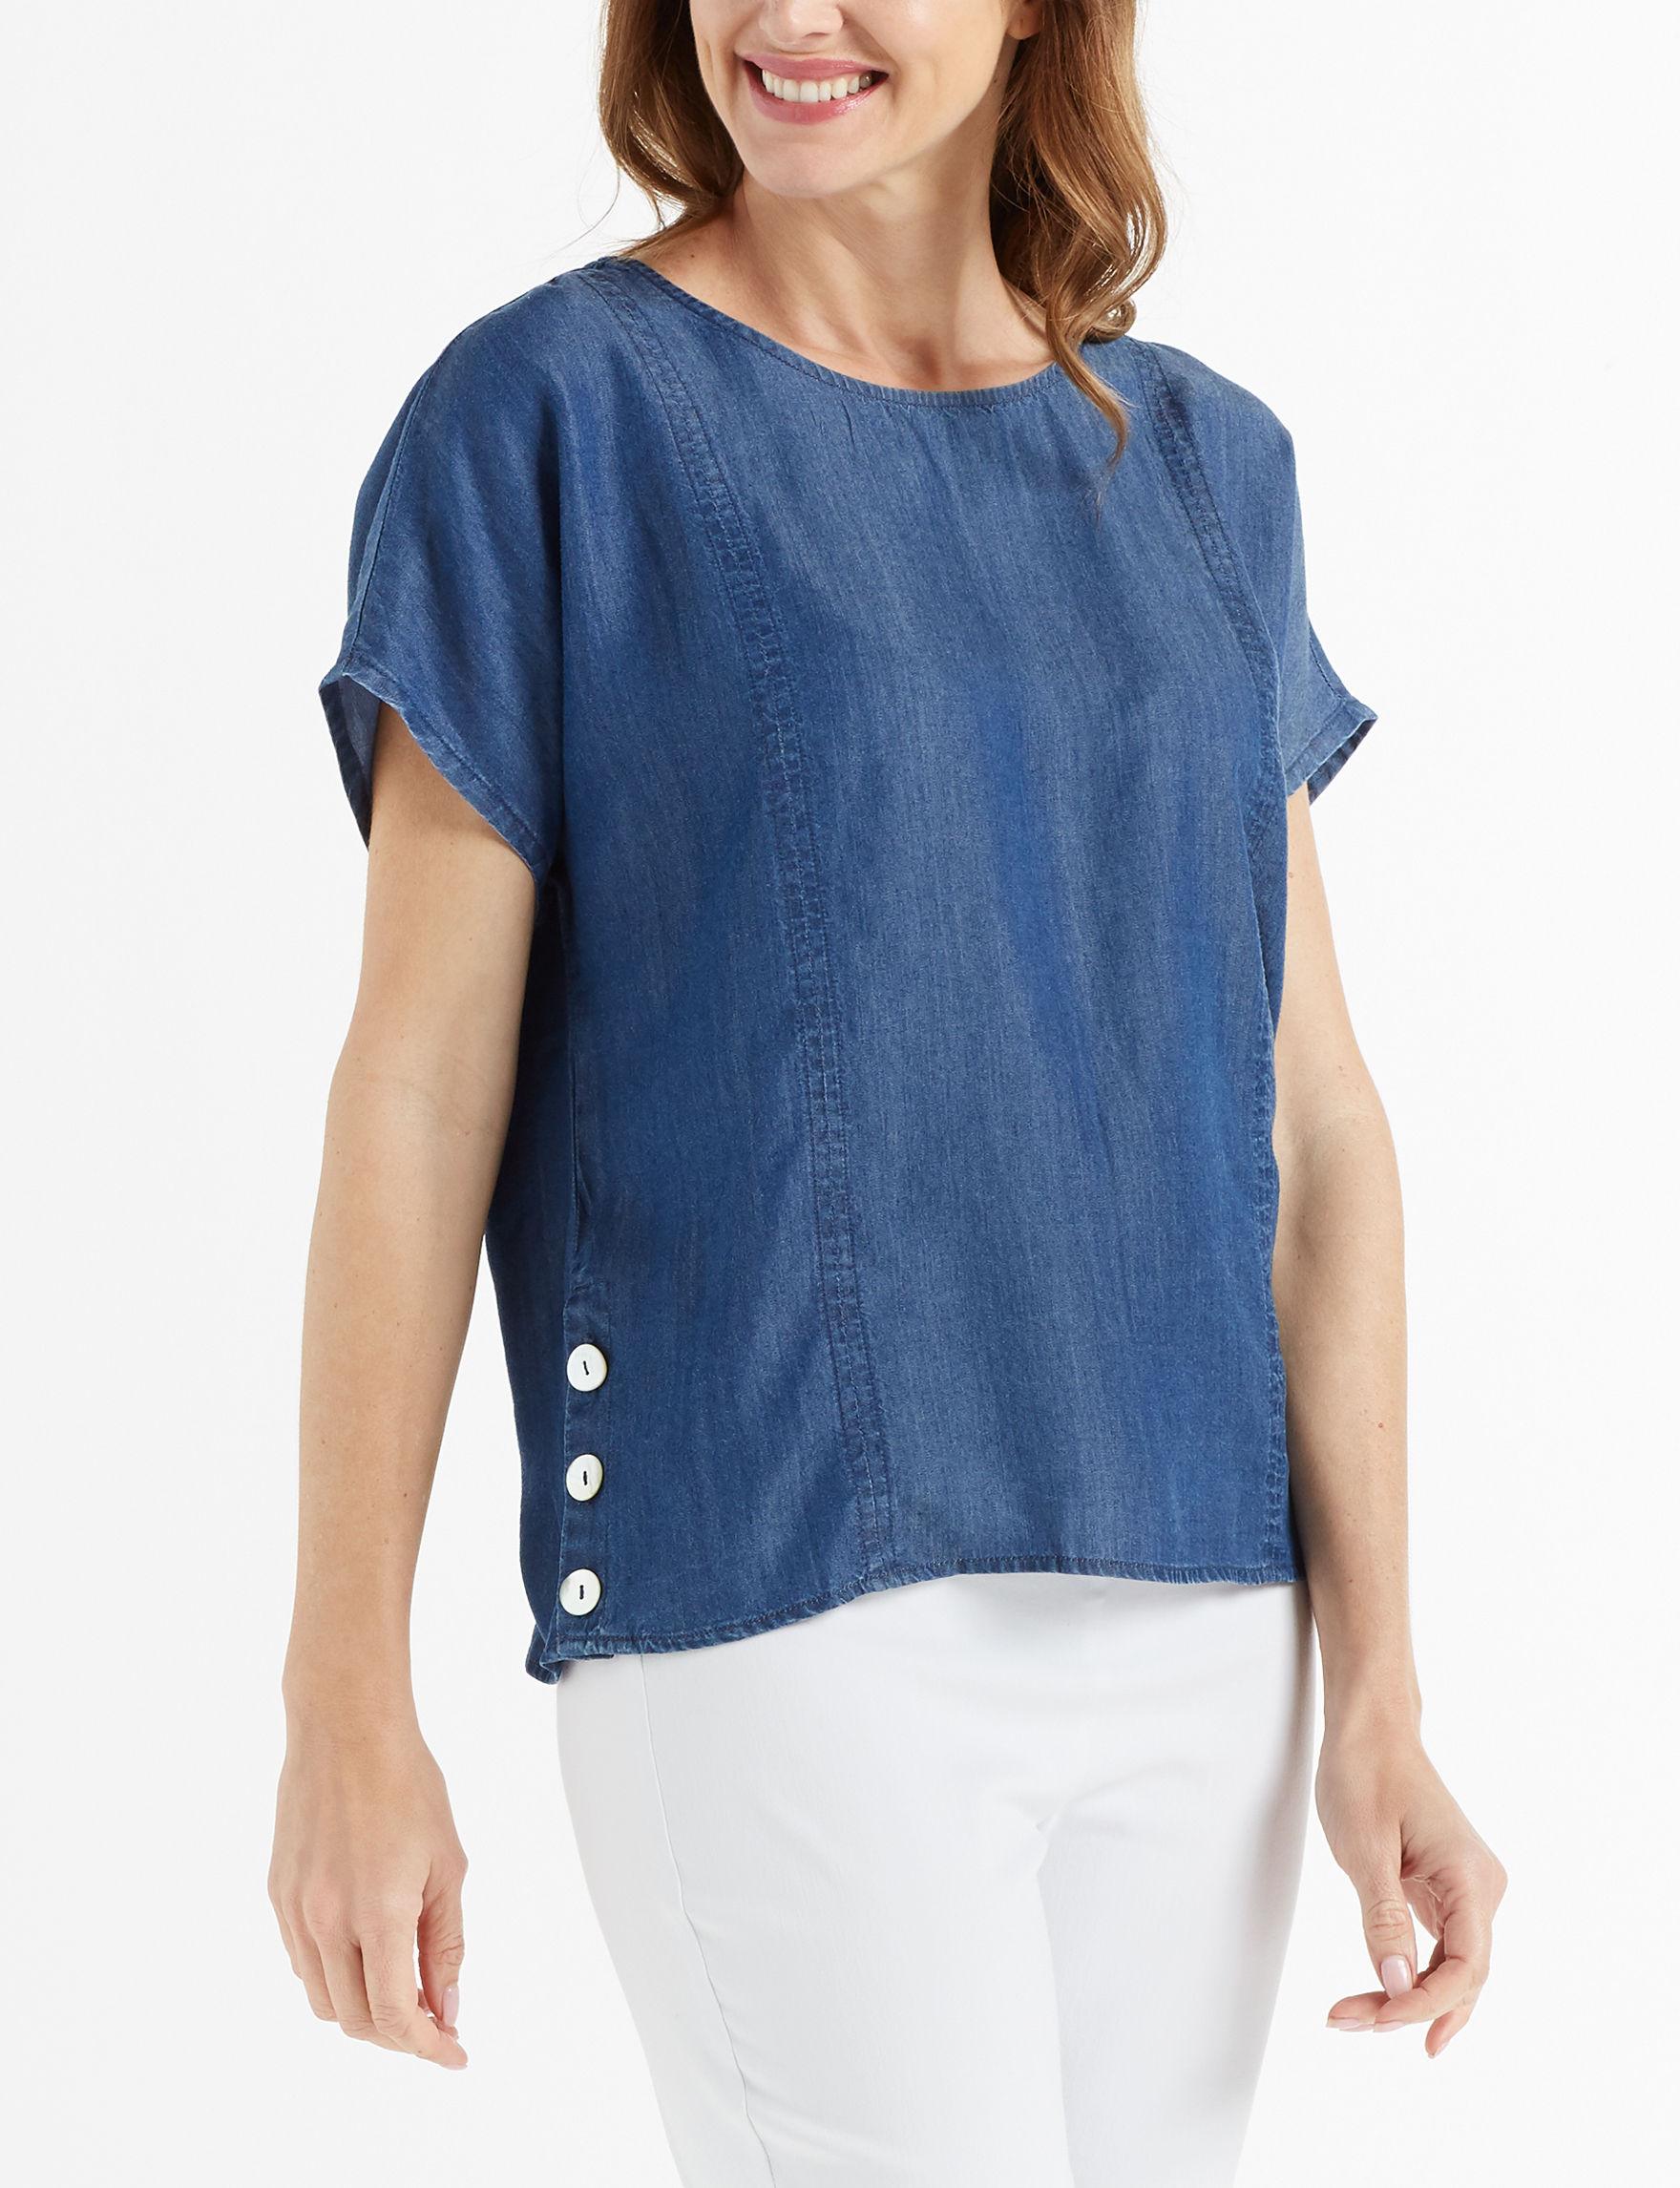 John Paul Richard Blue Shirts & Blouses